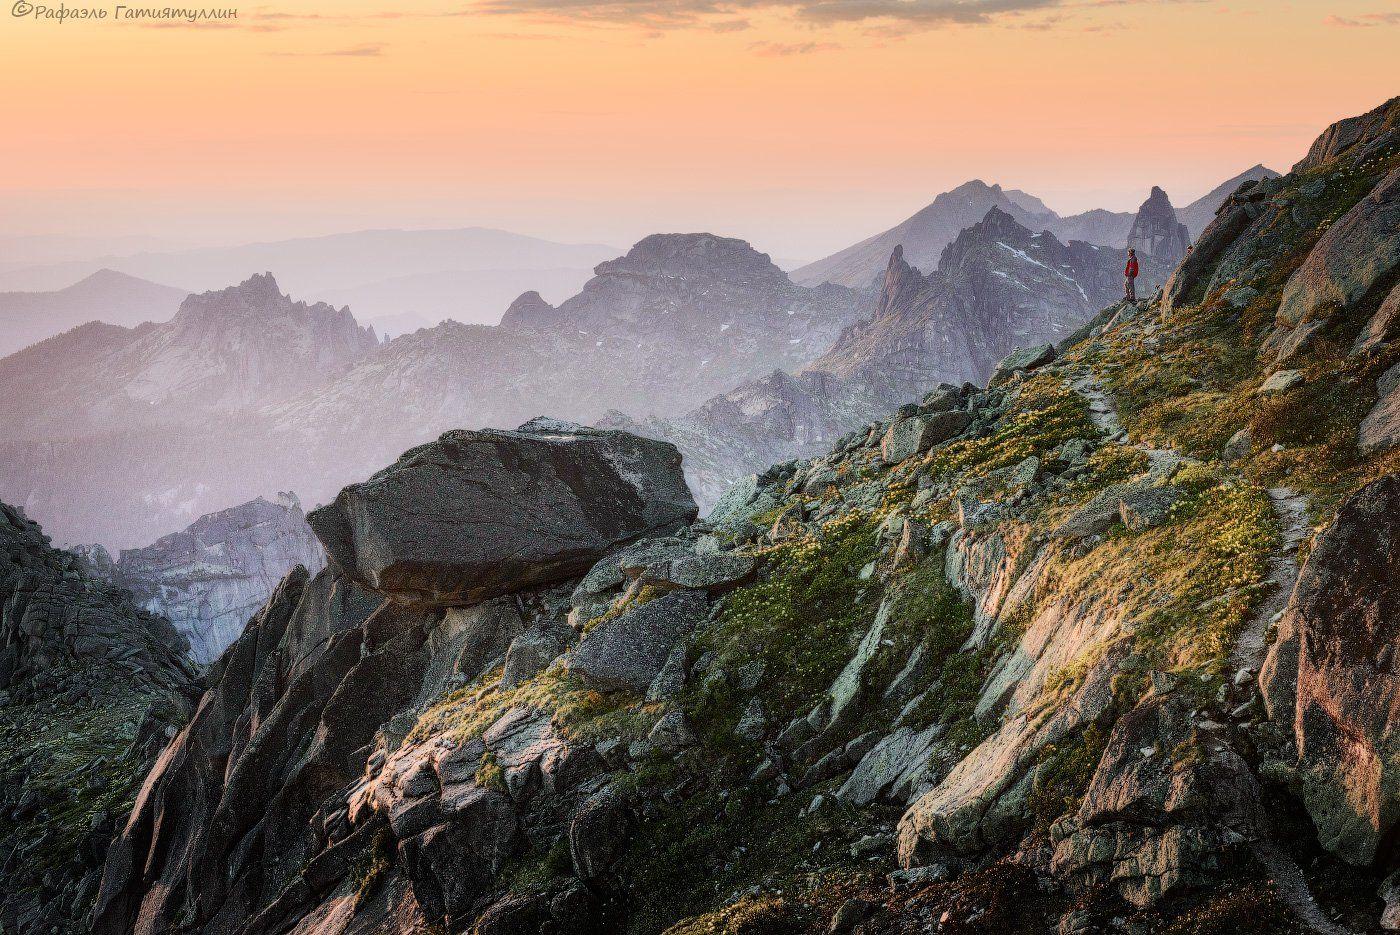 красноярский край, западные саяны, национальный парк  ергаки, горы, закат, лазурное, покой, природа., Рафаэль Гатиятуллин